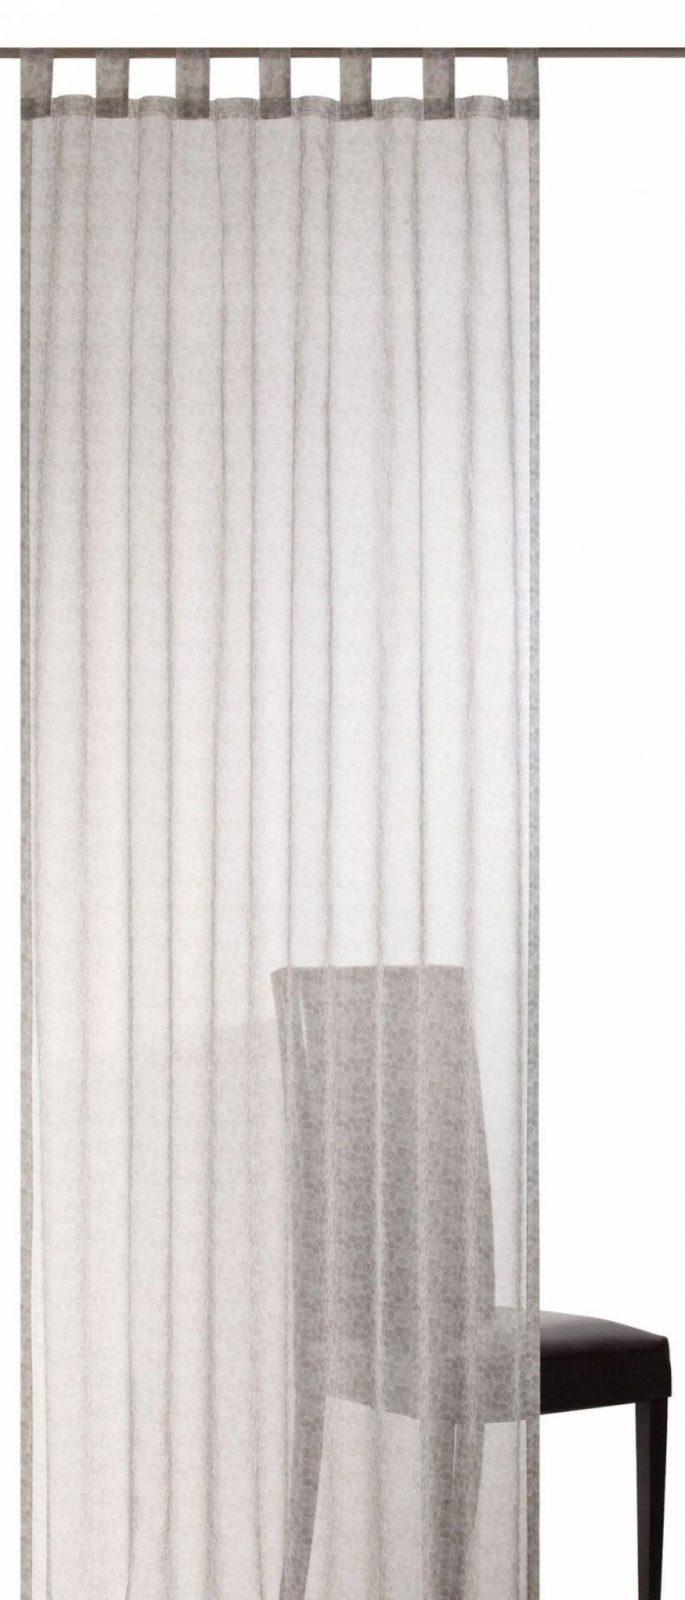 gardinen interessant gardinen von otto stilvoll gardinen otto von otto versand gardinen mit. Black Bedroom Furniture Sets. Home Design Ideas